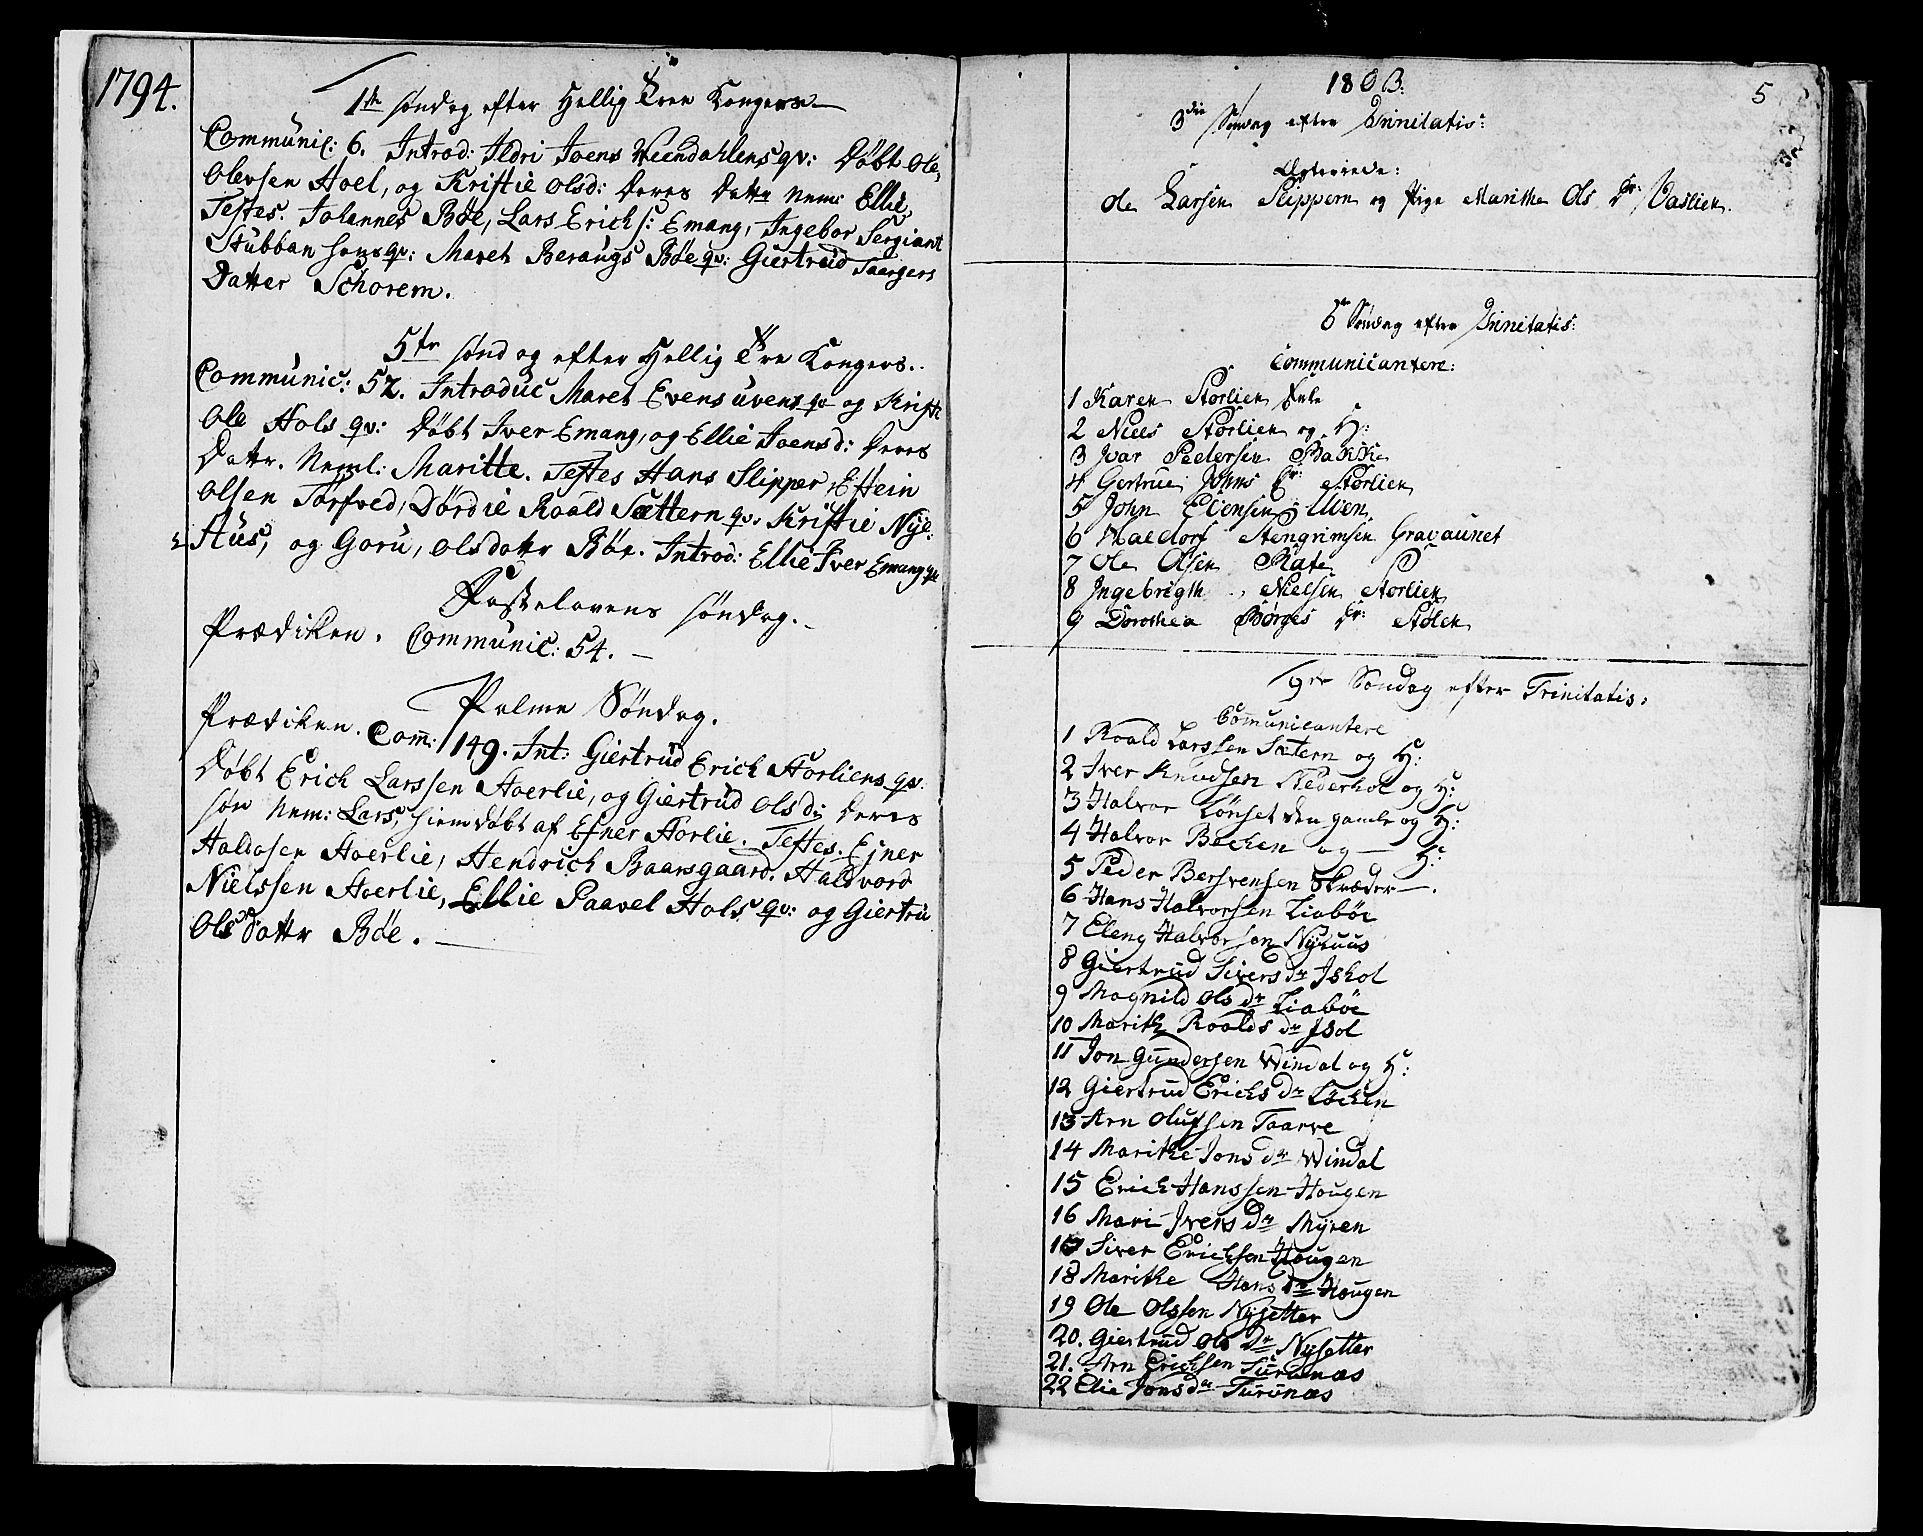 SAT, Ministerialprotokoller, klokkerbøker og fødselsregistre - Sør-Trøndelag, 679/L0921: Klokkerbok nr. 679C01, 1792-1840, s. 5